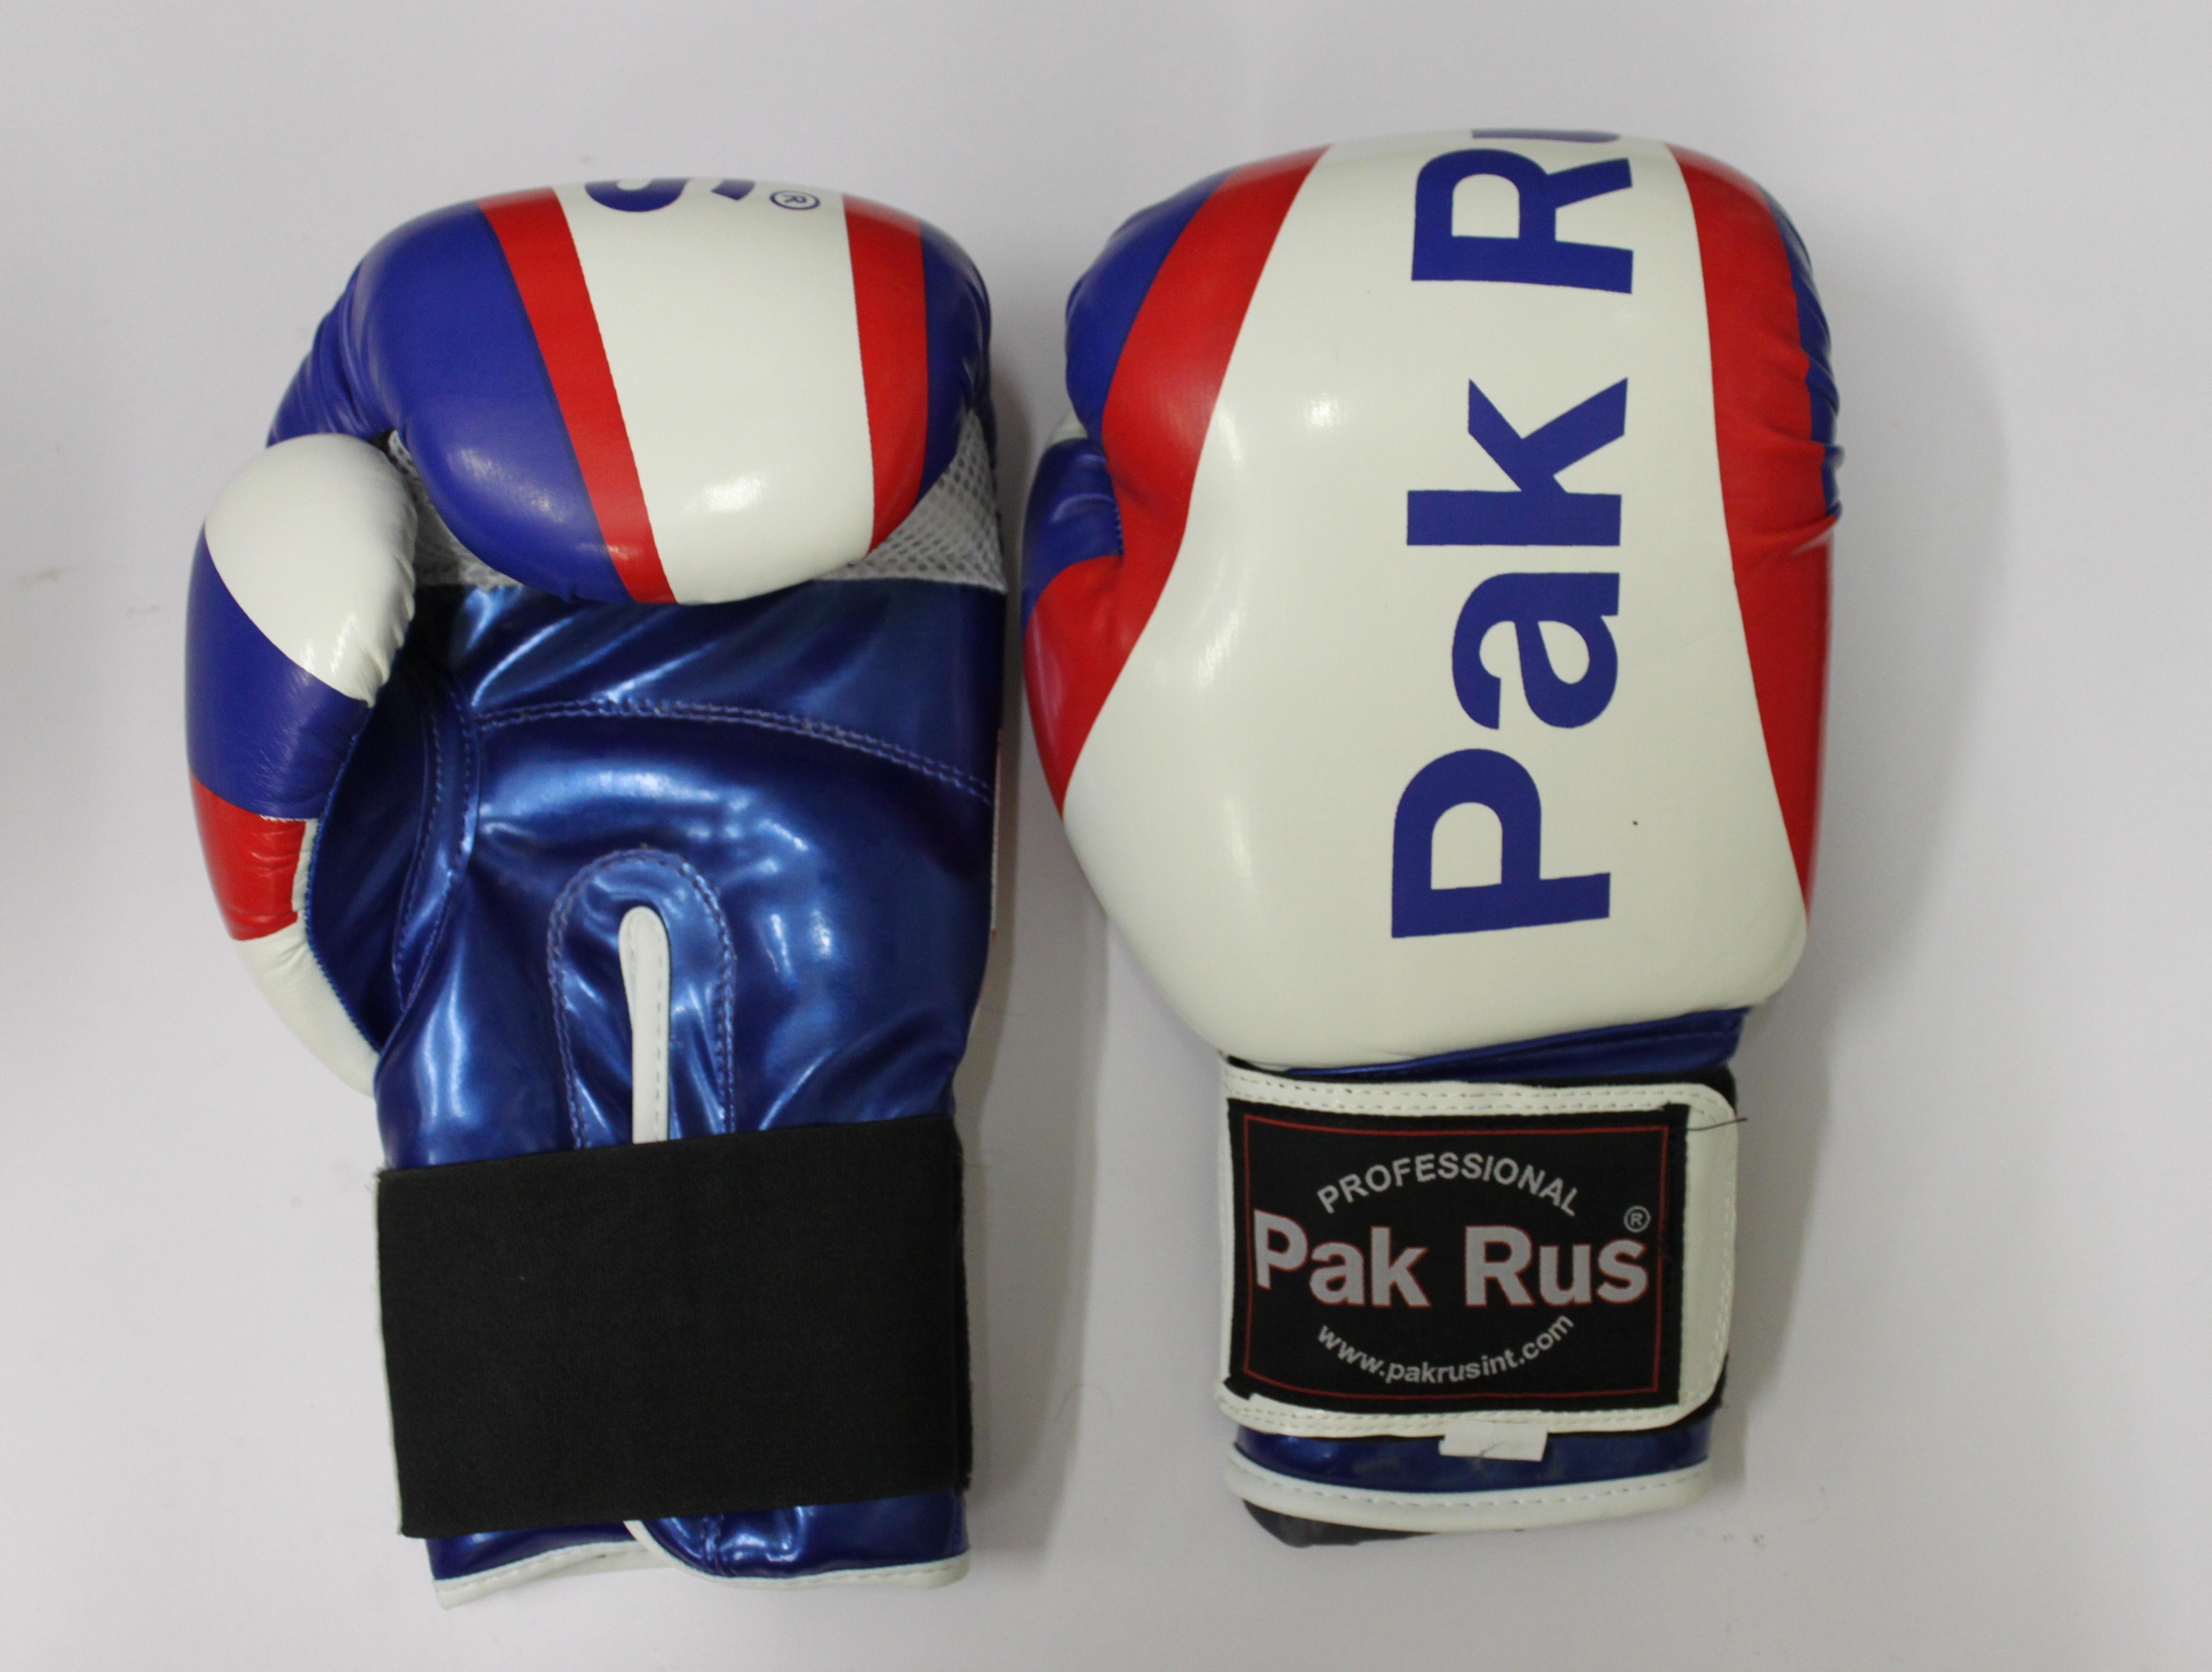 Перчатки боксерские Pak Rus, искусственная кожа DX, 12 OZ триколор